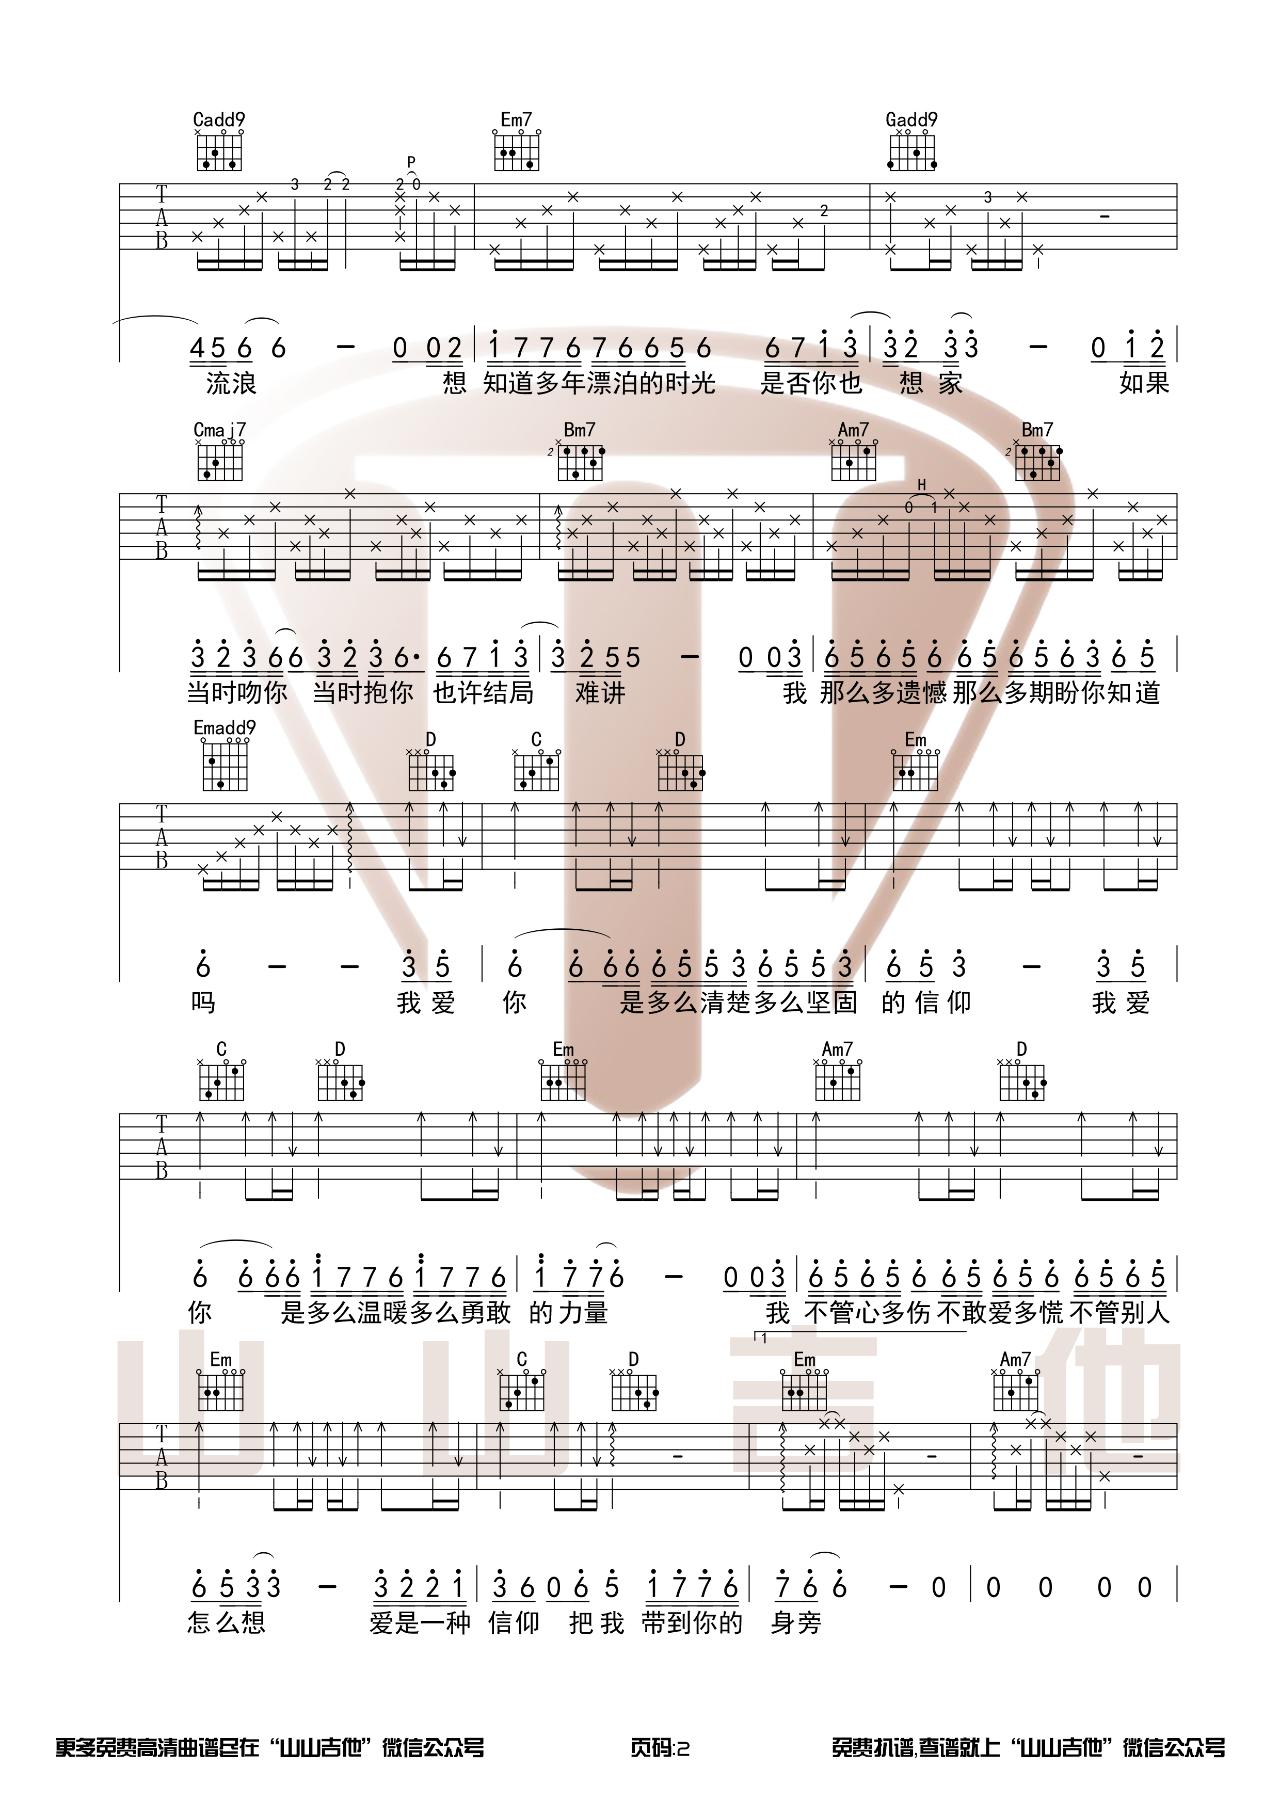 吉他派《信仰》吉他谱-2